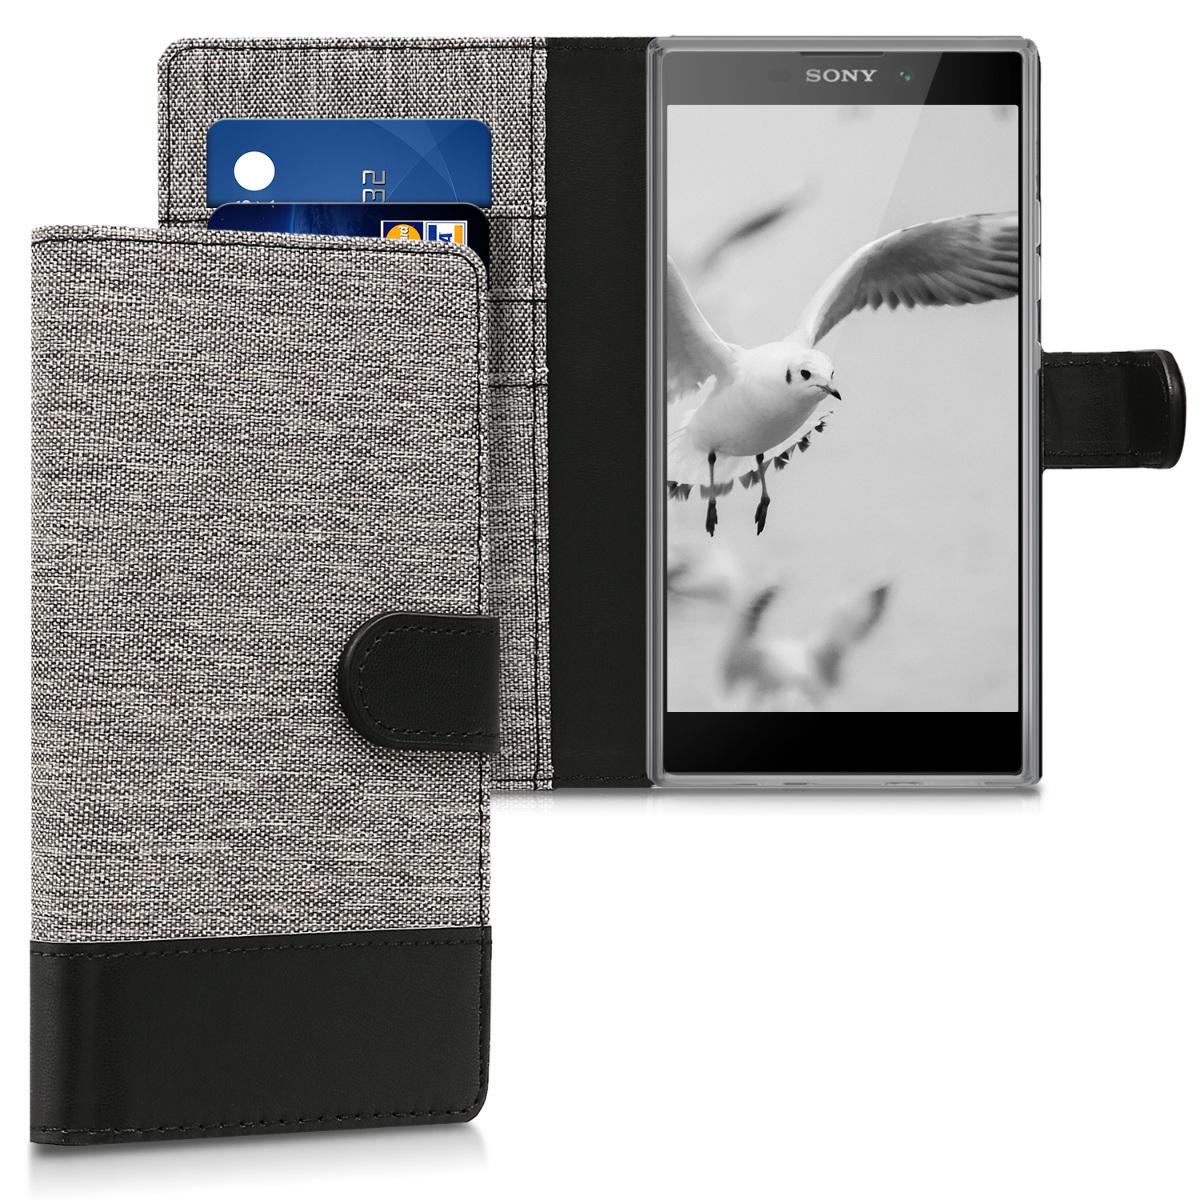 KW Θήκη Πορτοφόλι Sony Xperia L2 - Συνθετικό δέρμα - Grey / Black (44288.22)